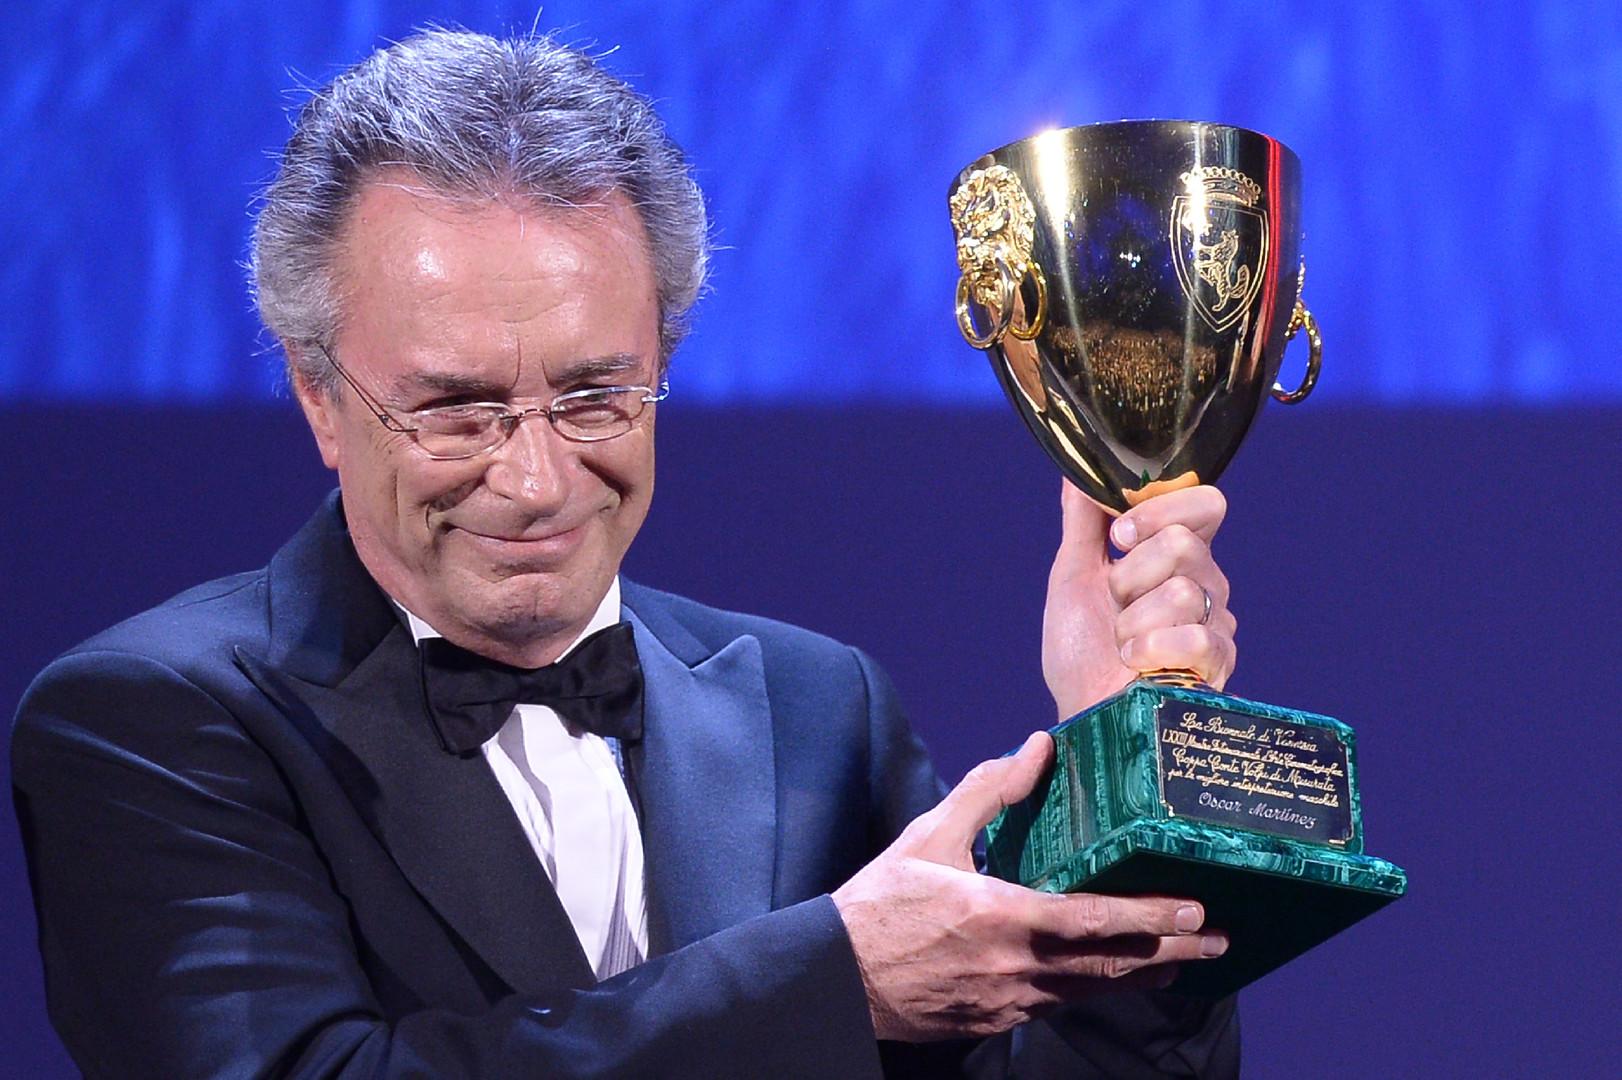 Оскар Мартинес был удостоен кубка Вольпи за лучшую мужскую роль в фильме «Почётный гражданин».